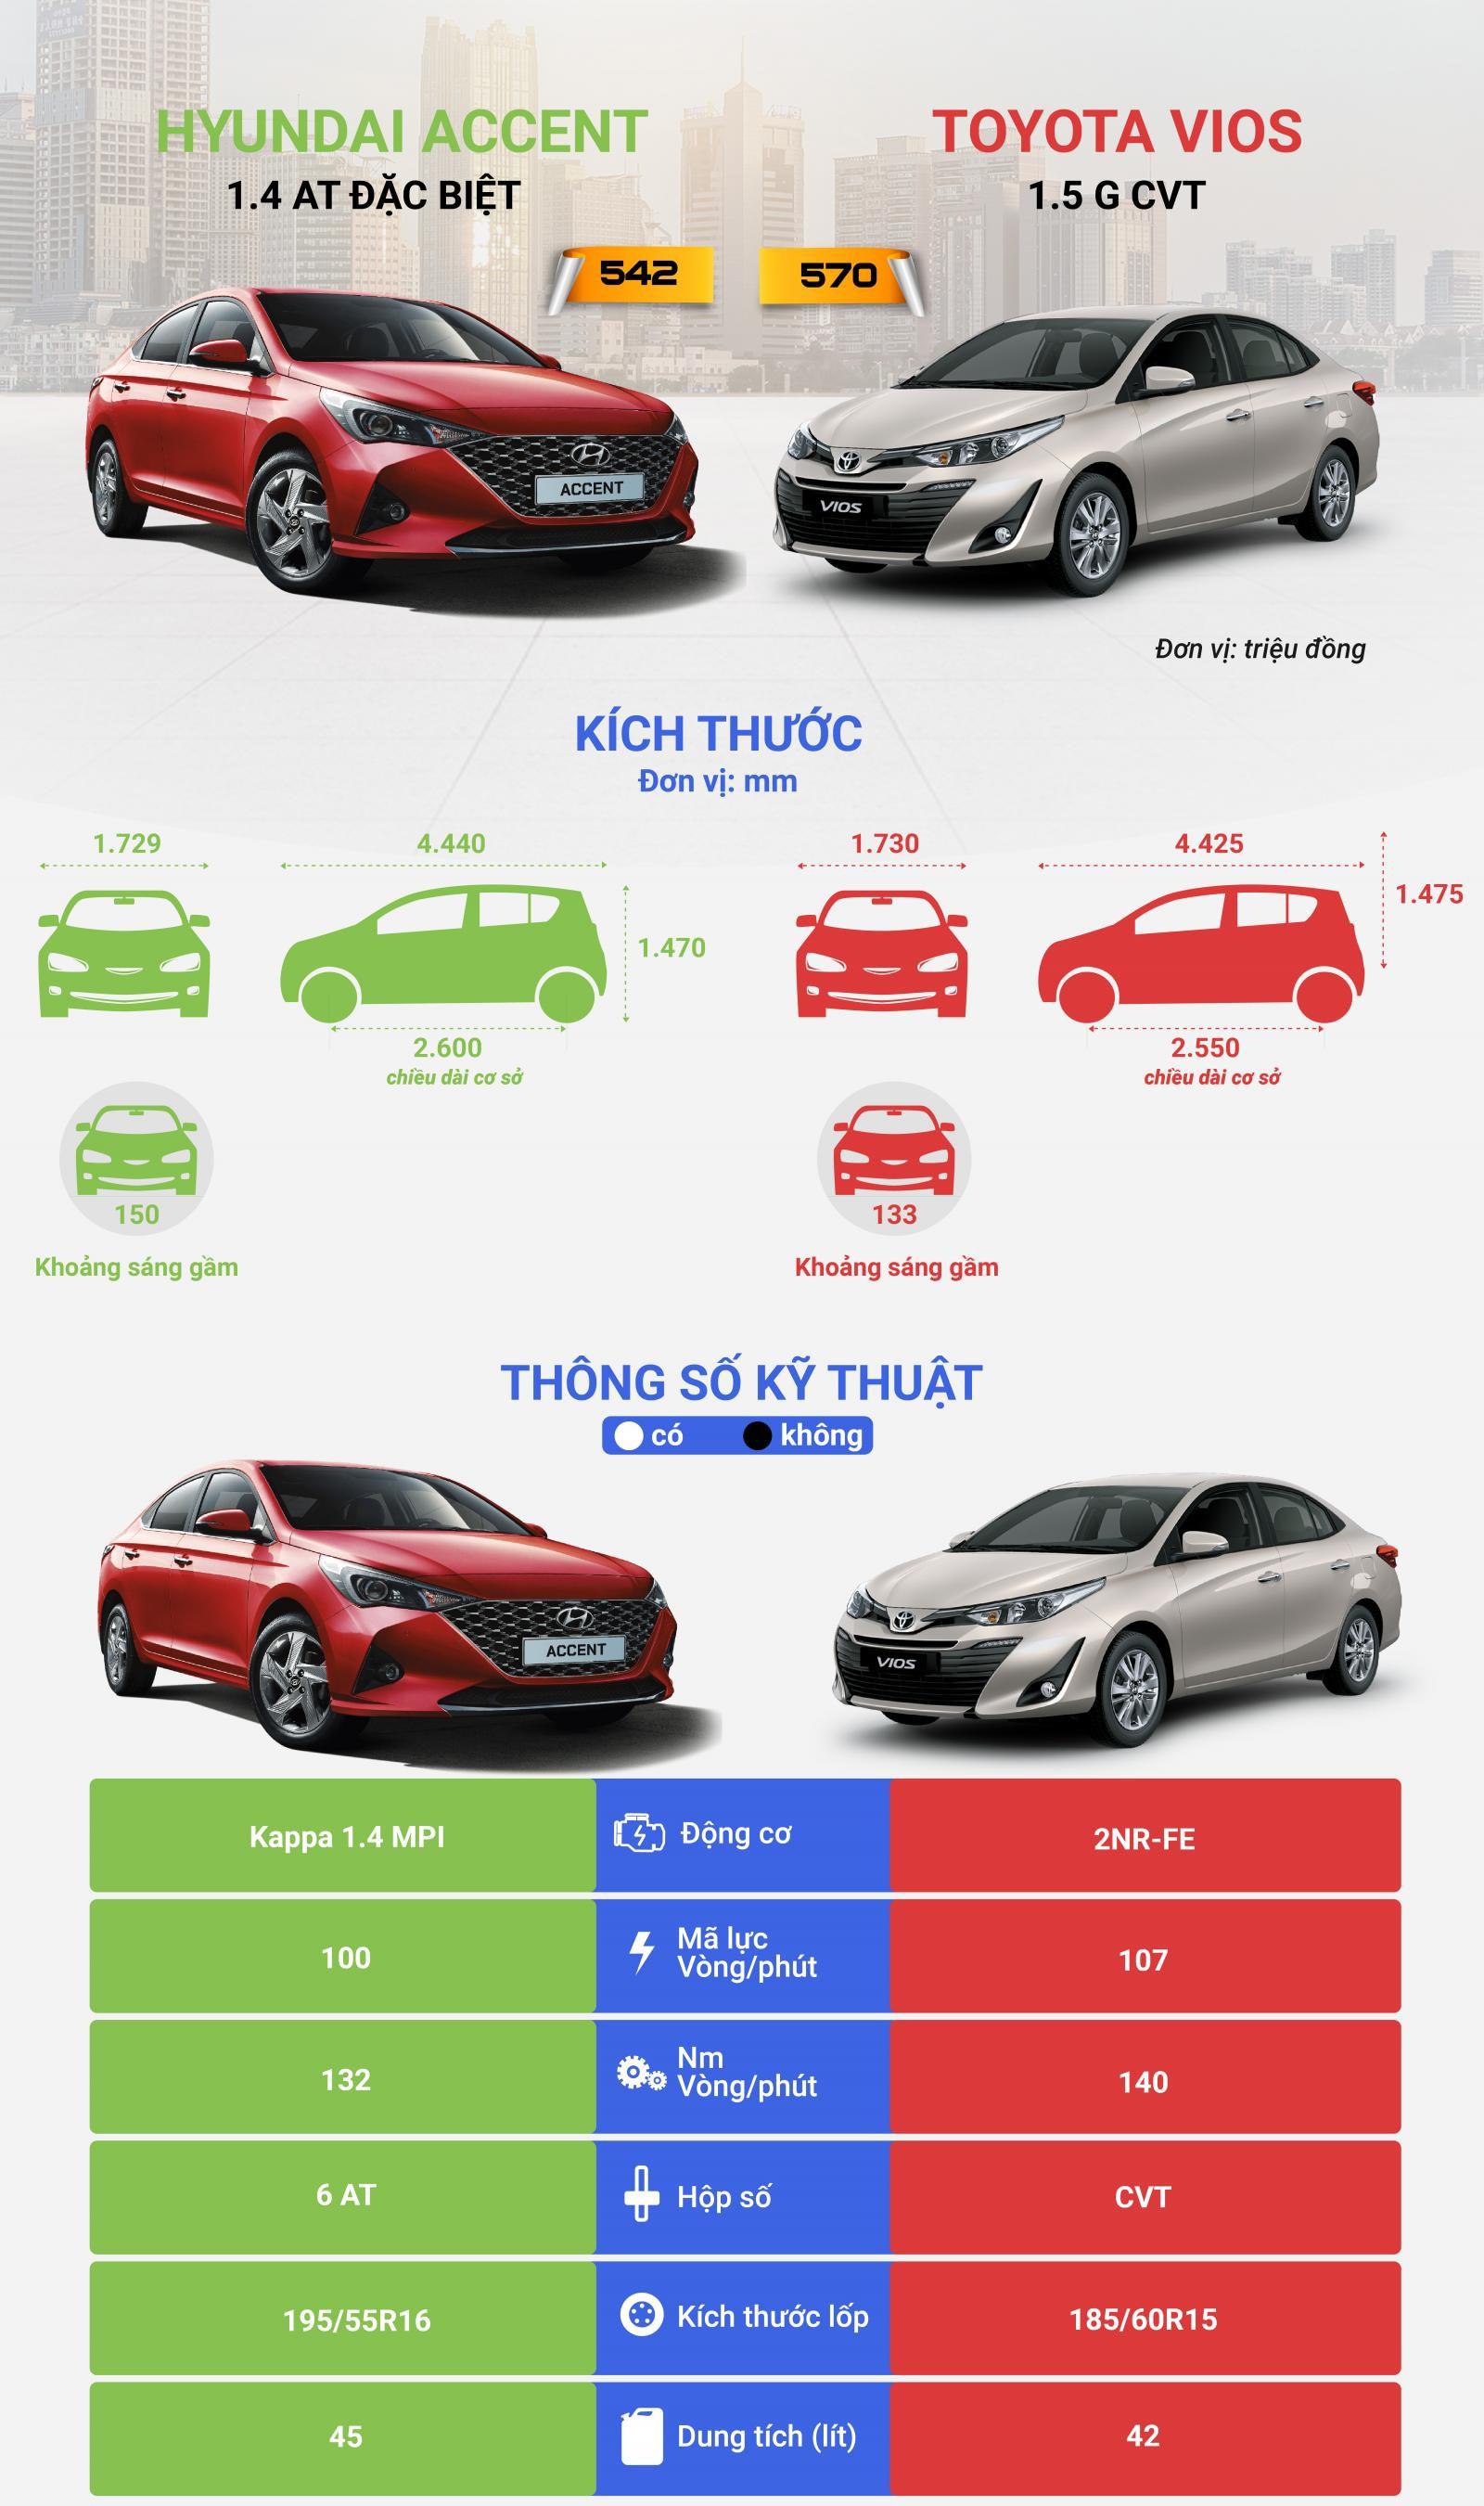 Hyundai Accent đặt cạnh Toyota Vios và cái kết - Ảnh 1.